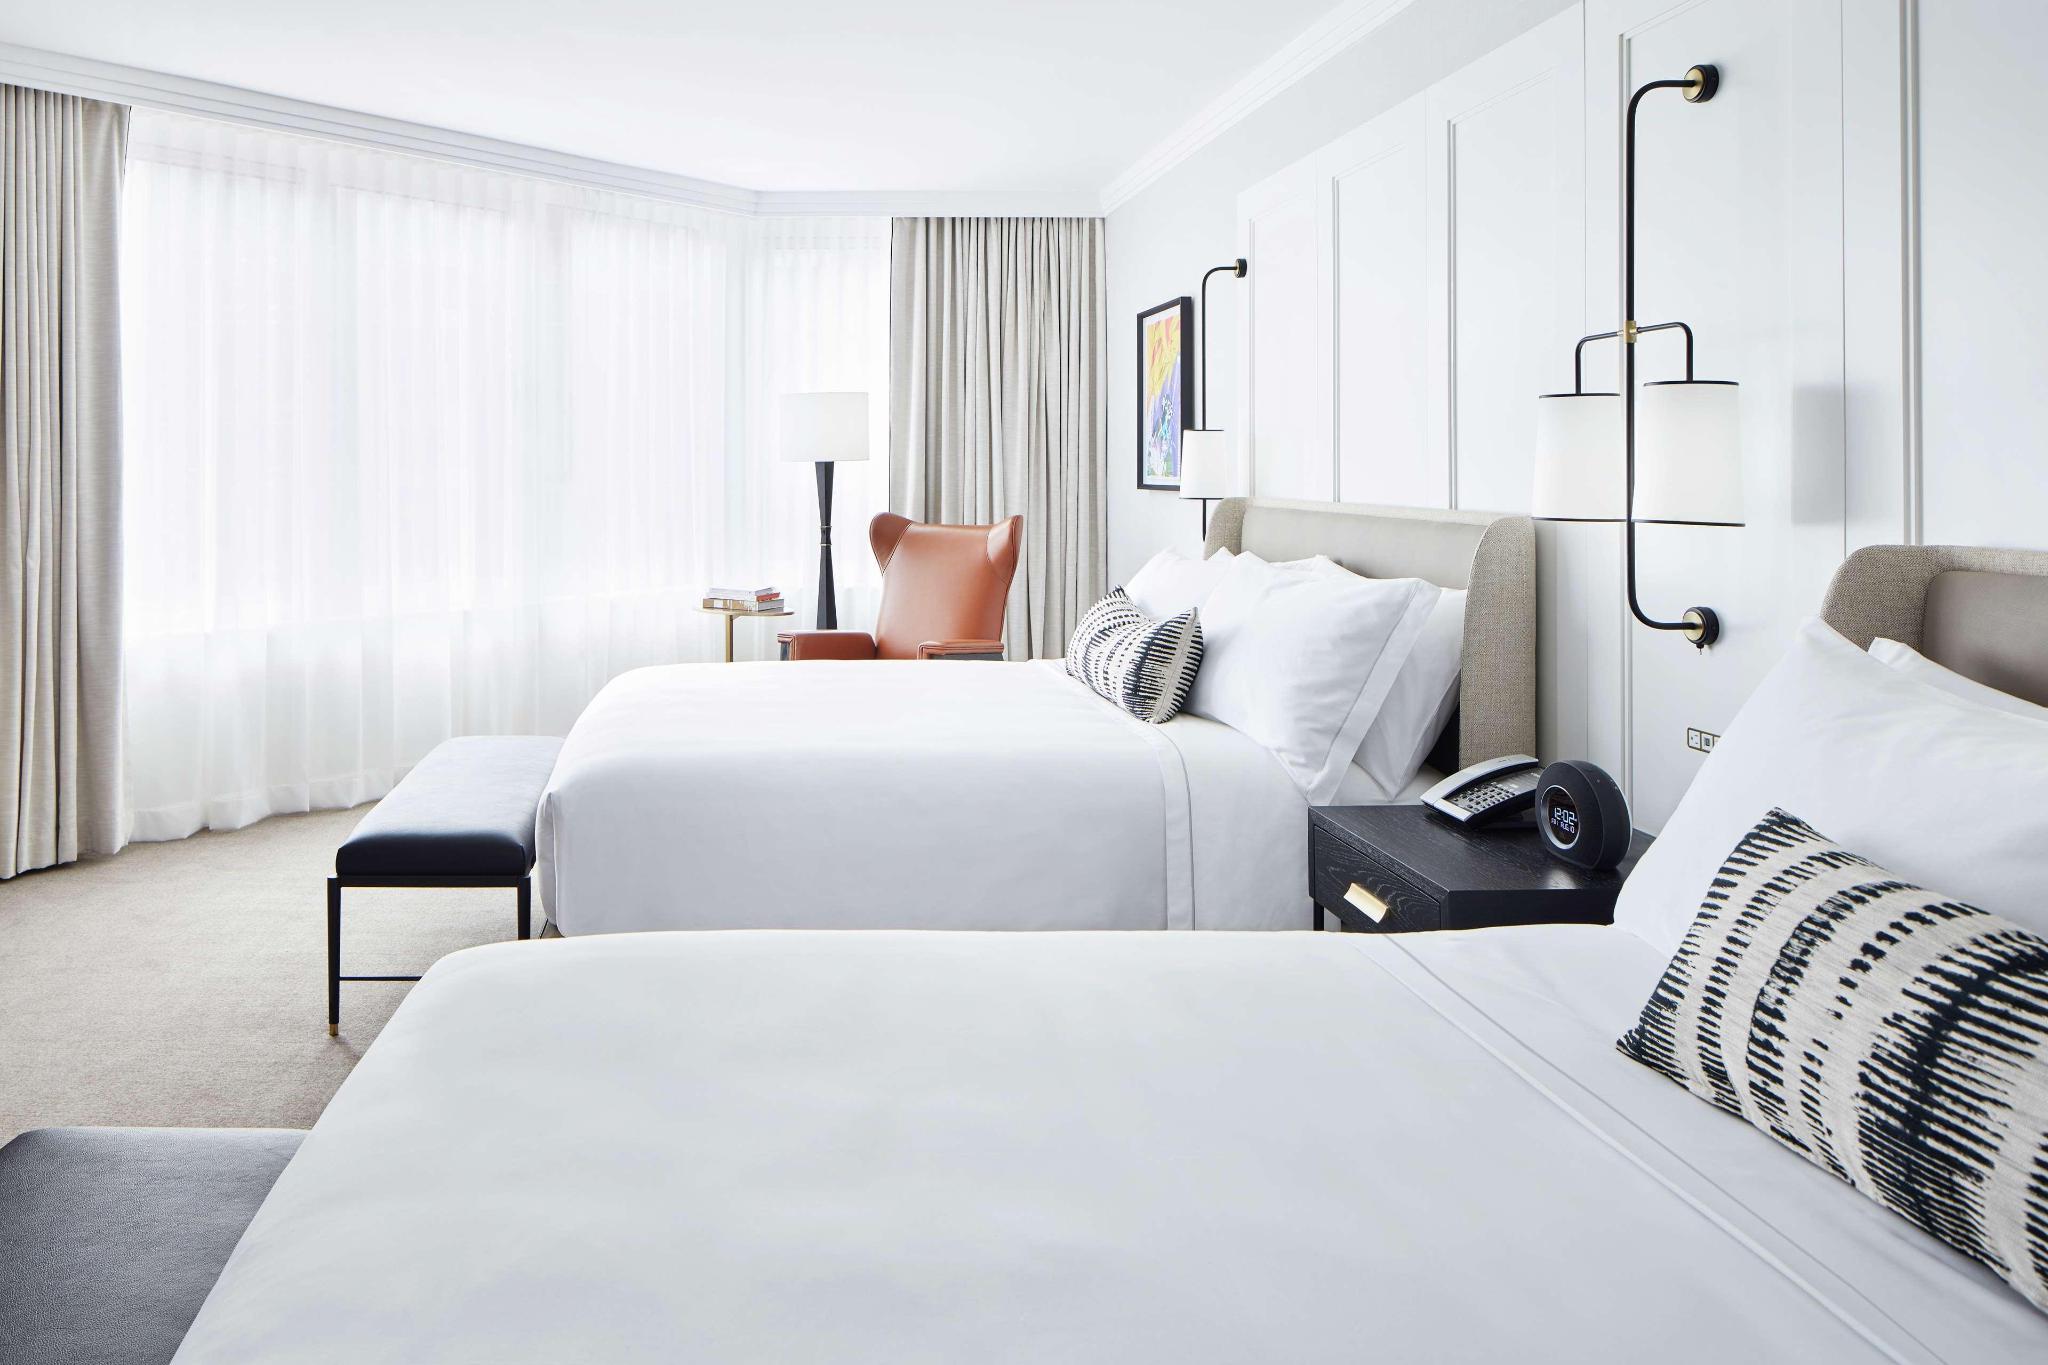 City View One Bedroom Suite - 2 Queen Beds